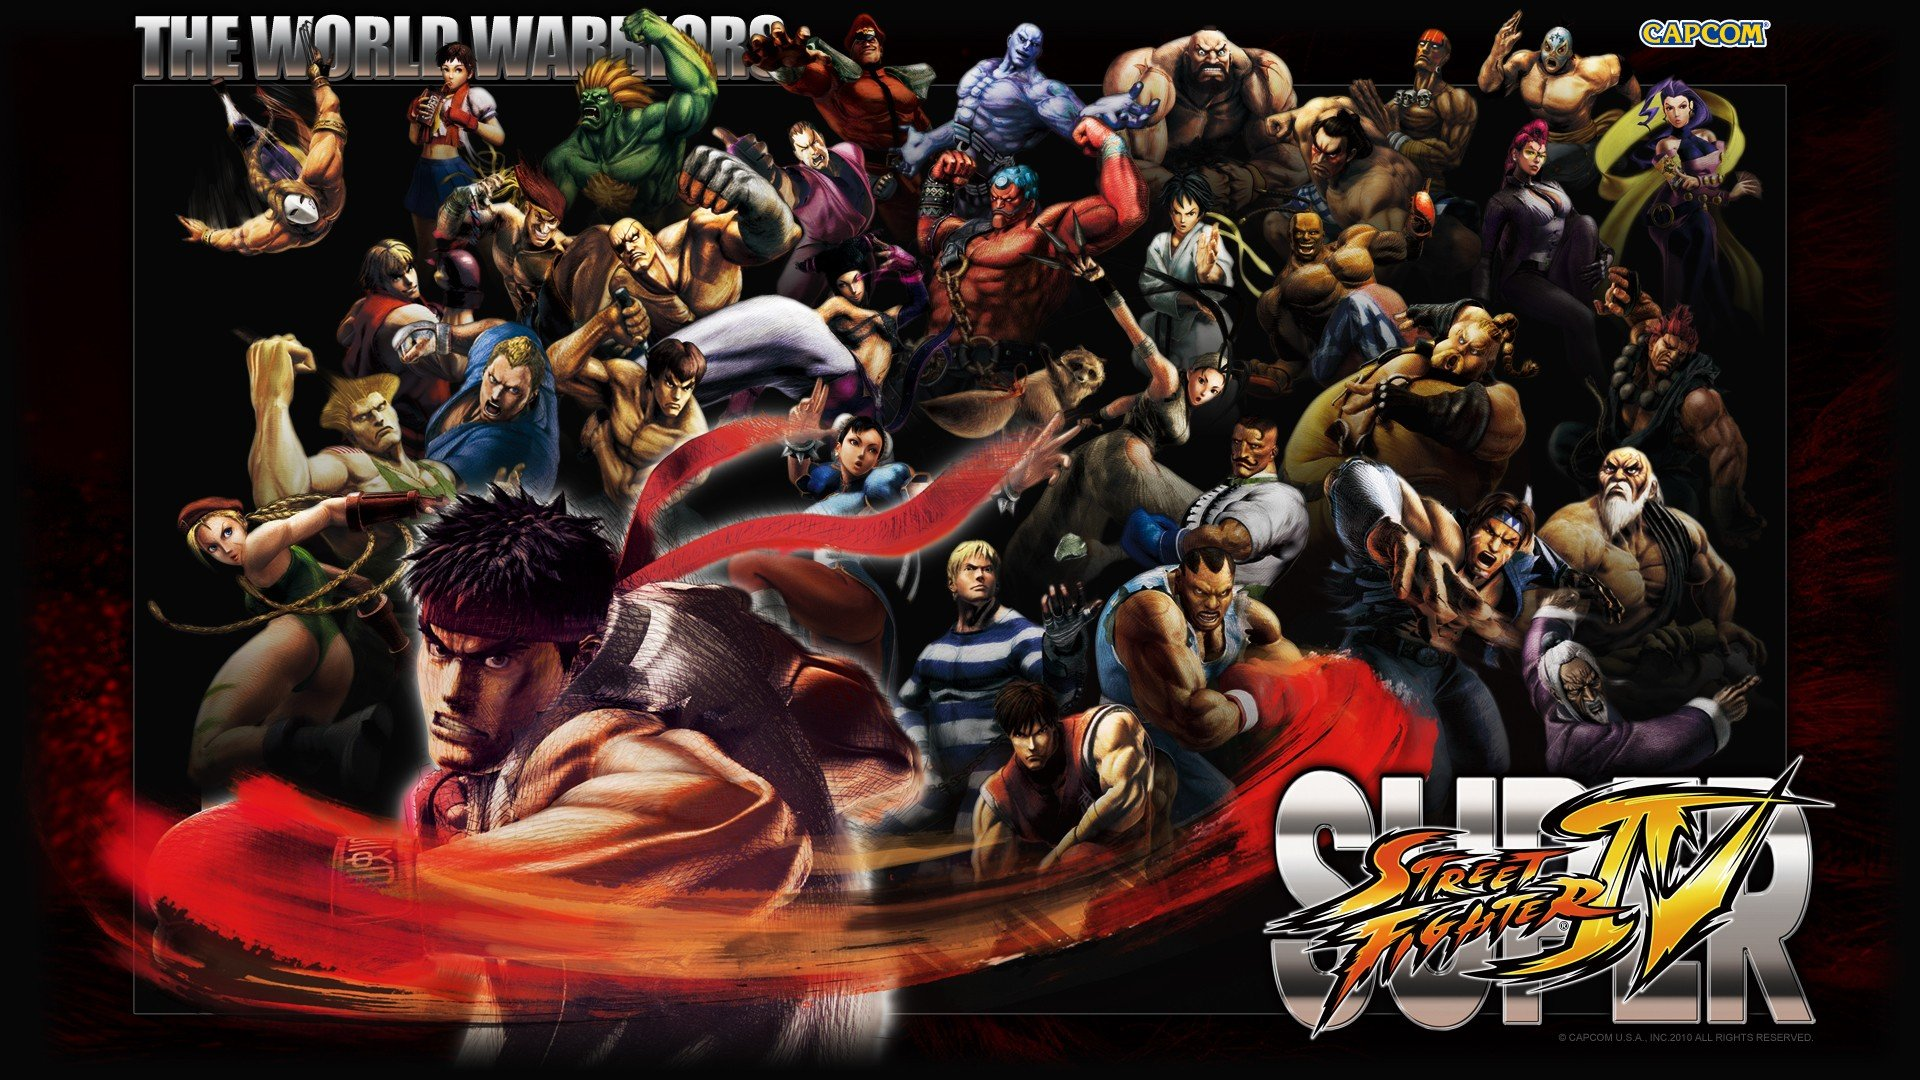 Free Download Street Fighter Wallpaper Id 466399 Full Hd 1920x1080